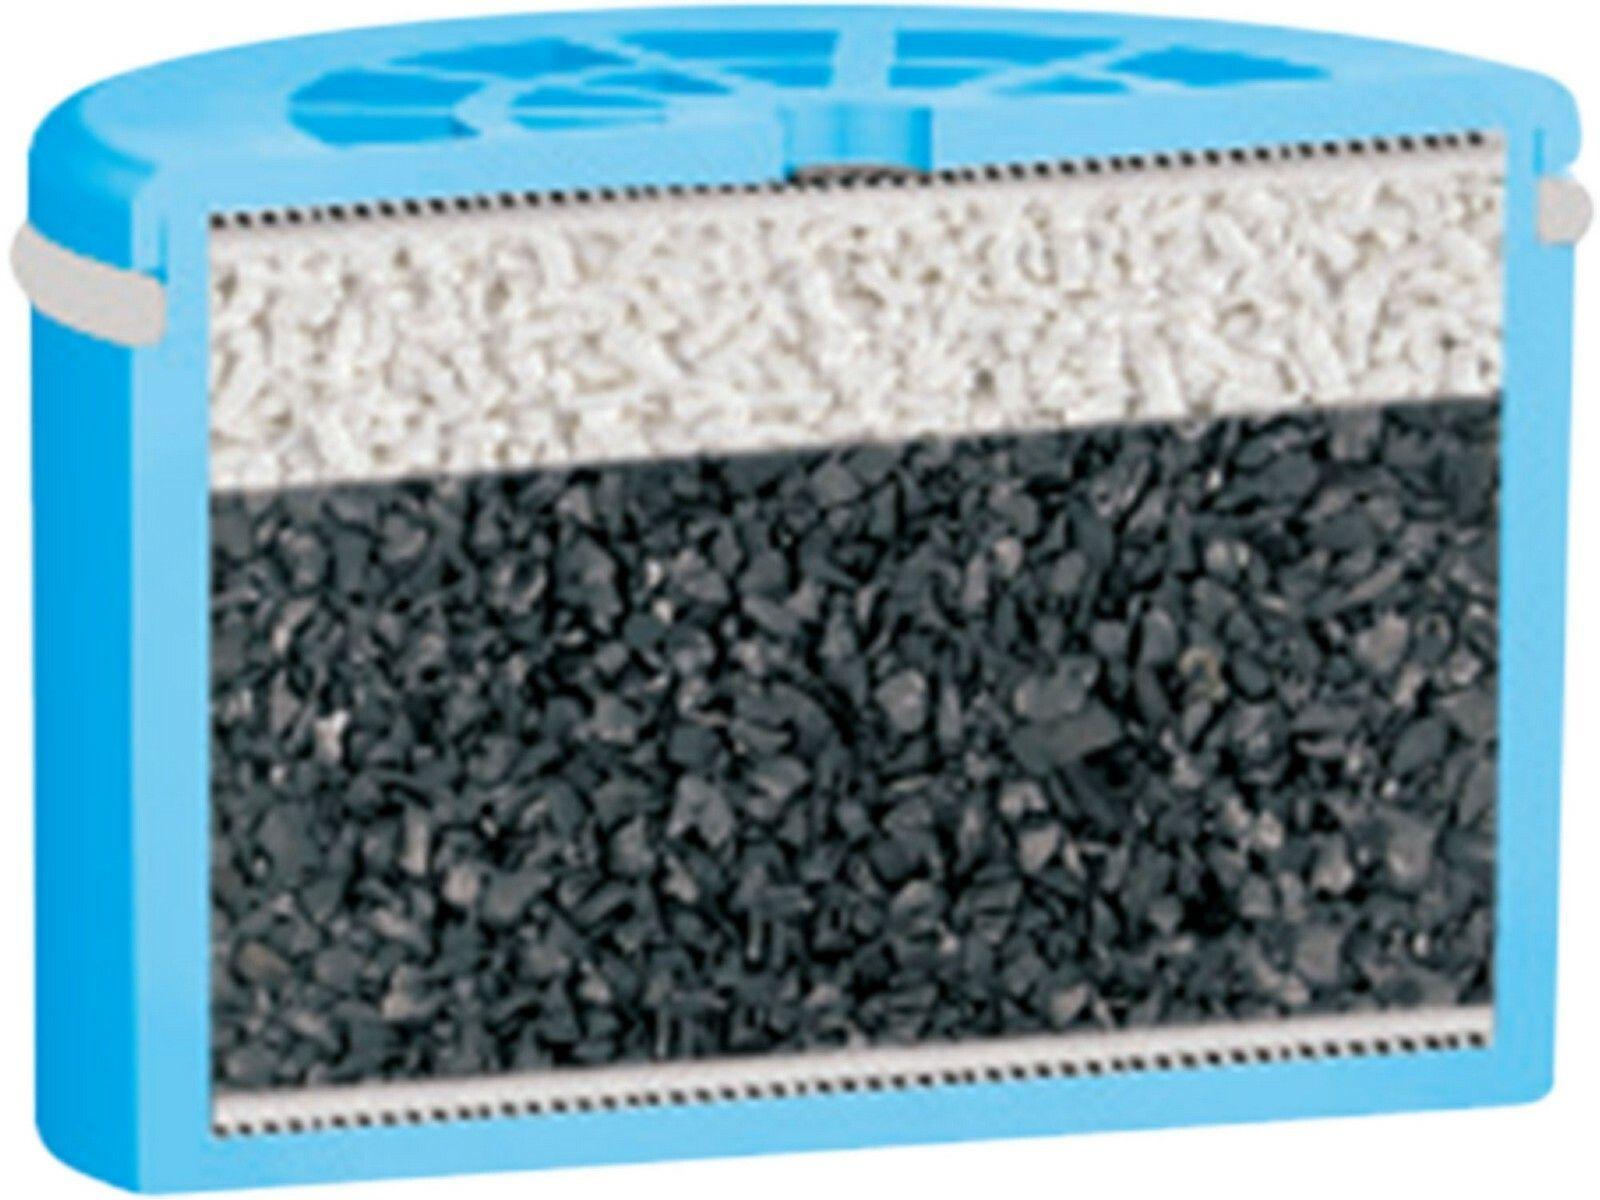 Vložka do sprchového filtru, náhradní, aktivní uhlík BALLETTO